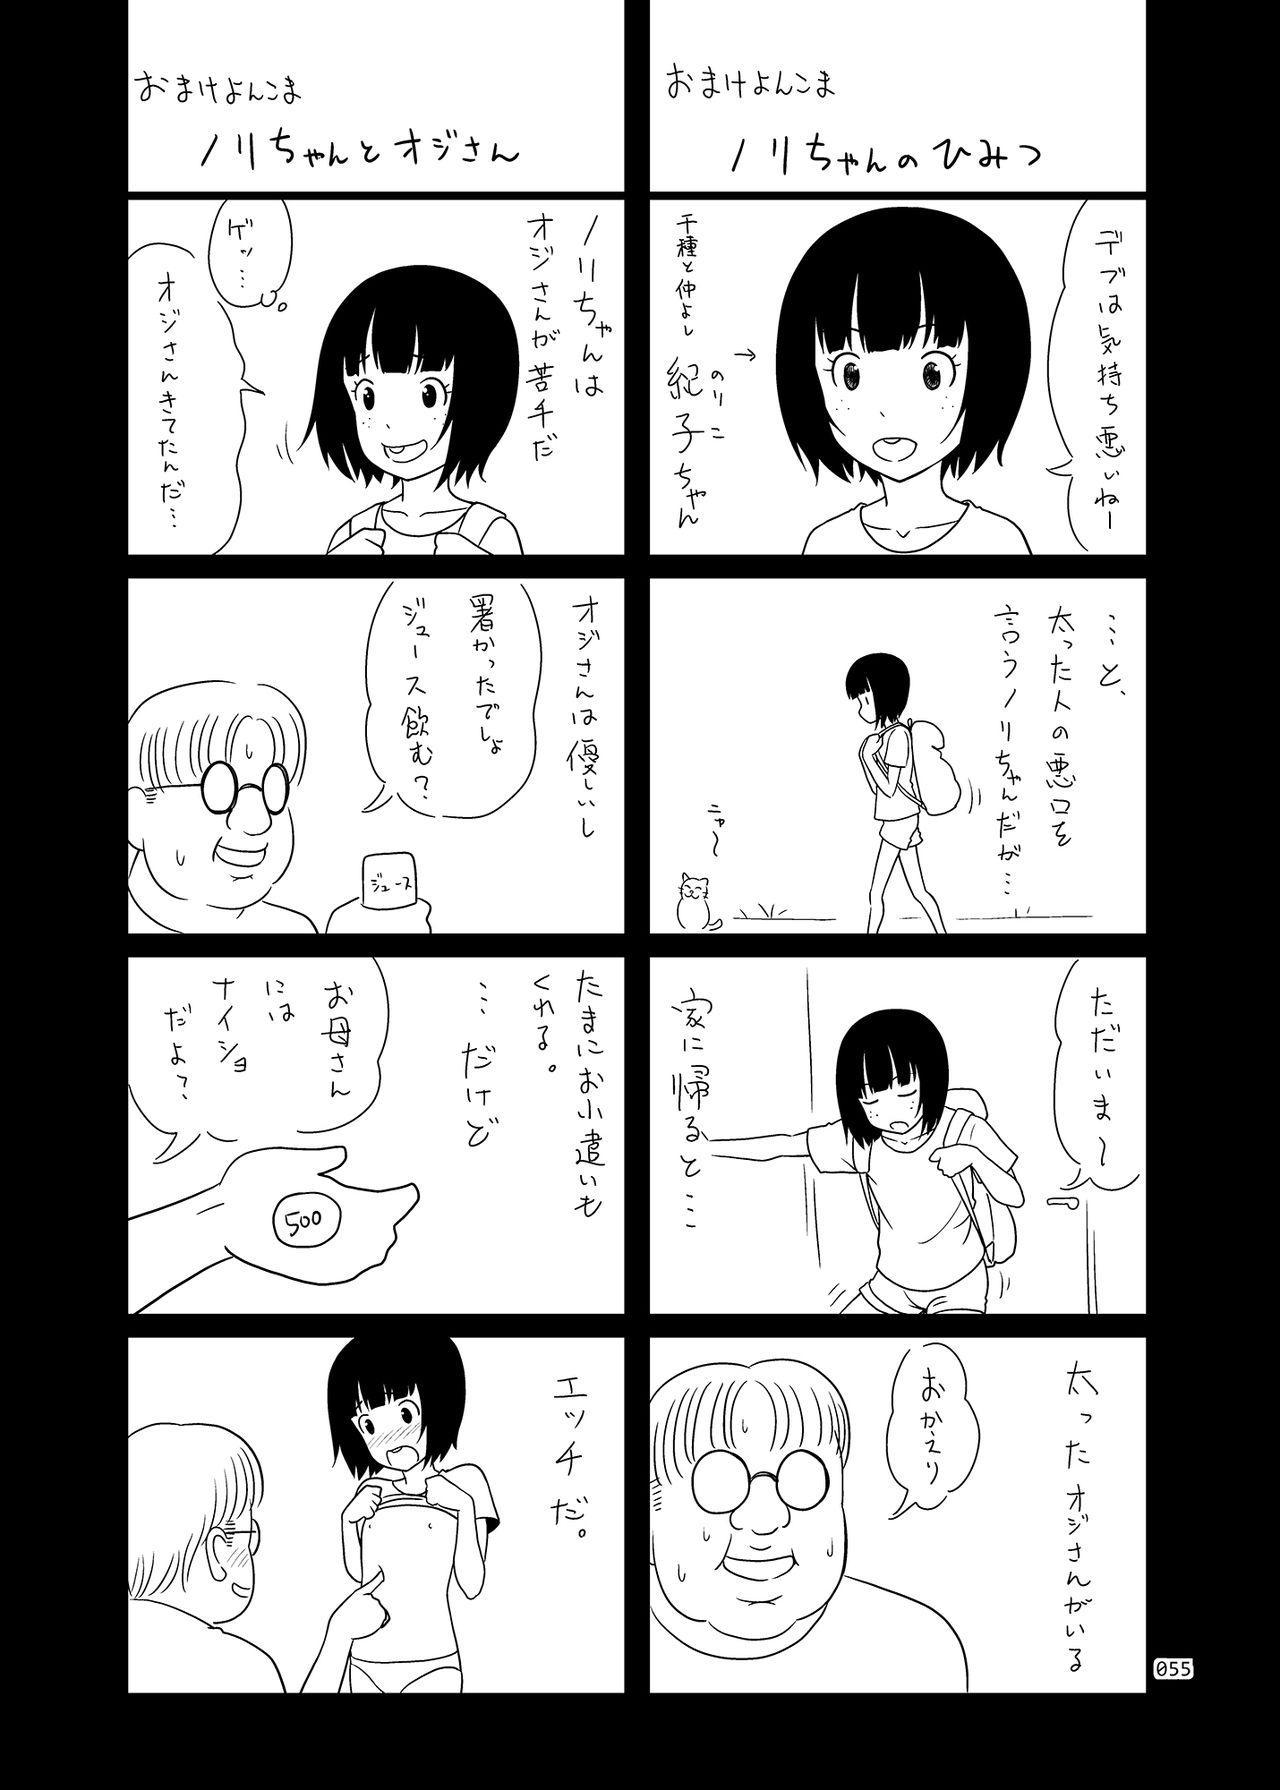 Meikko na Syoujo no Ehon 53